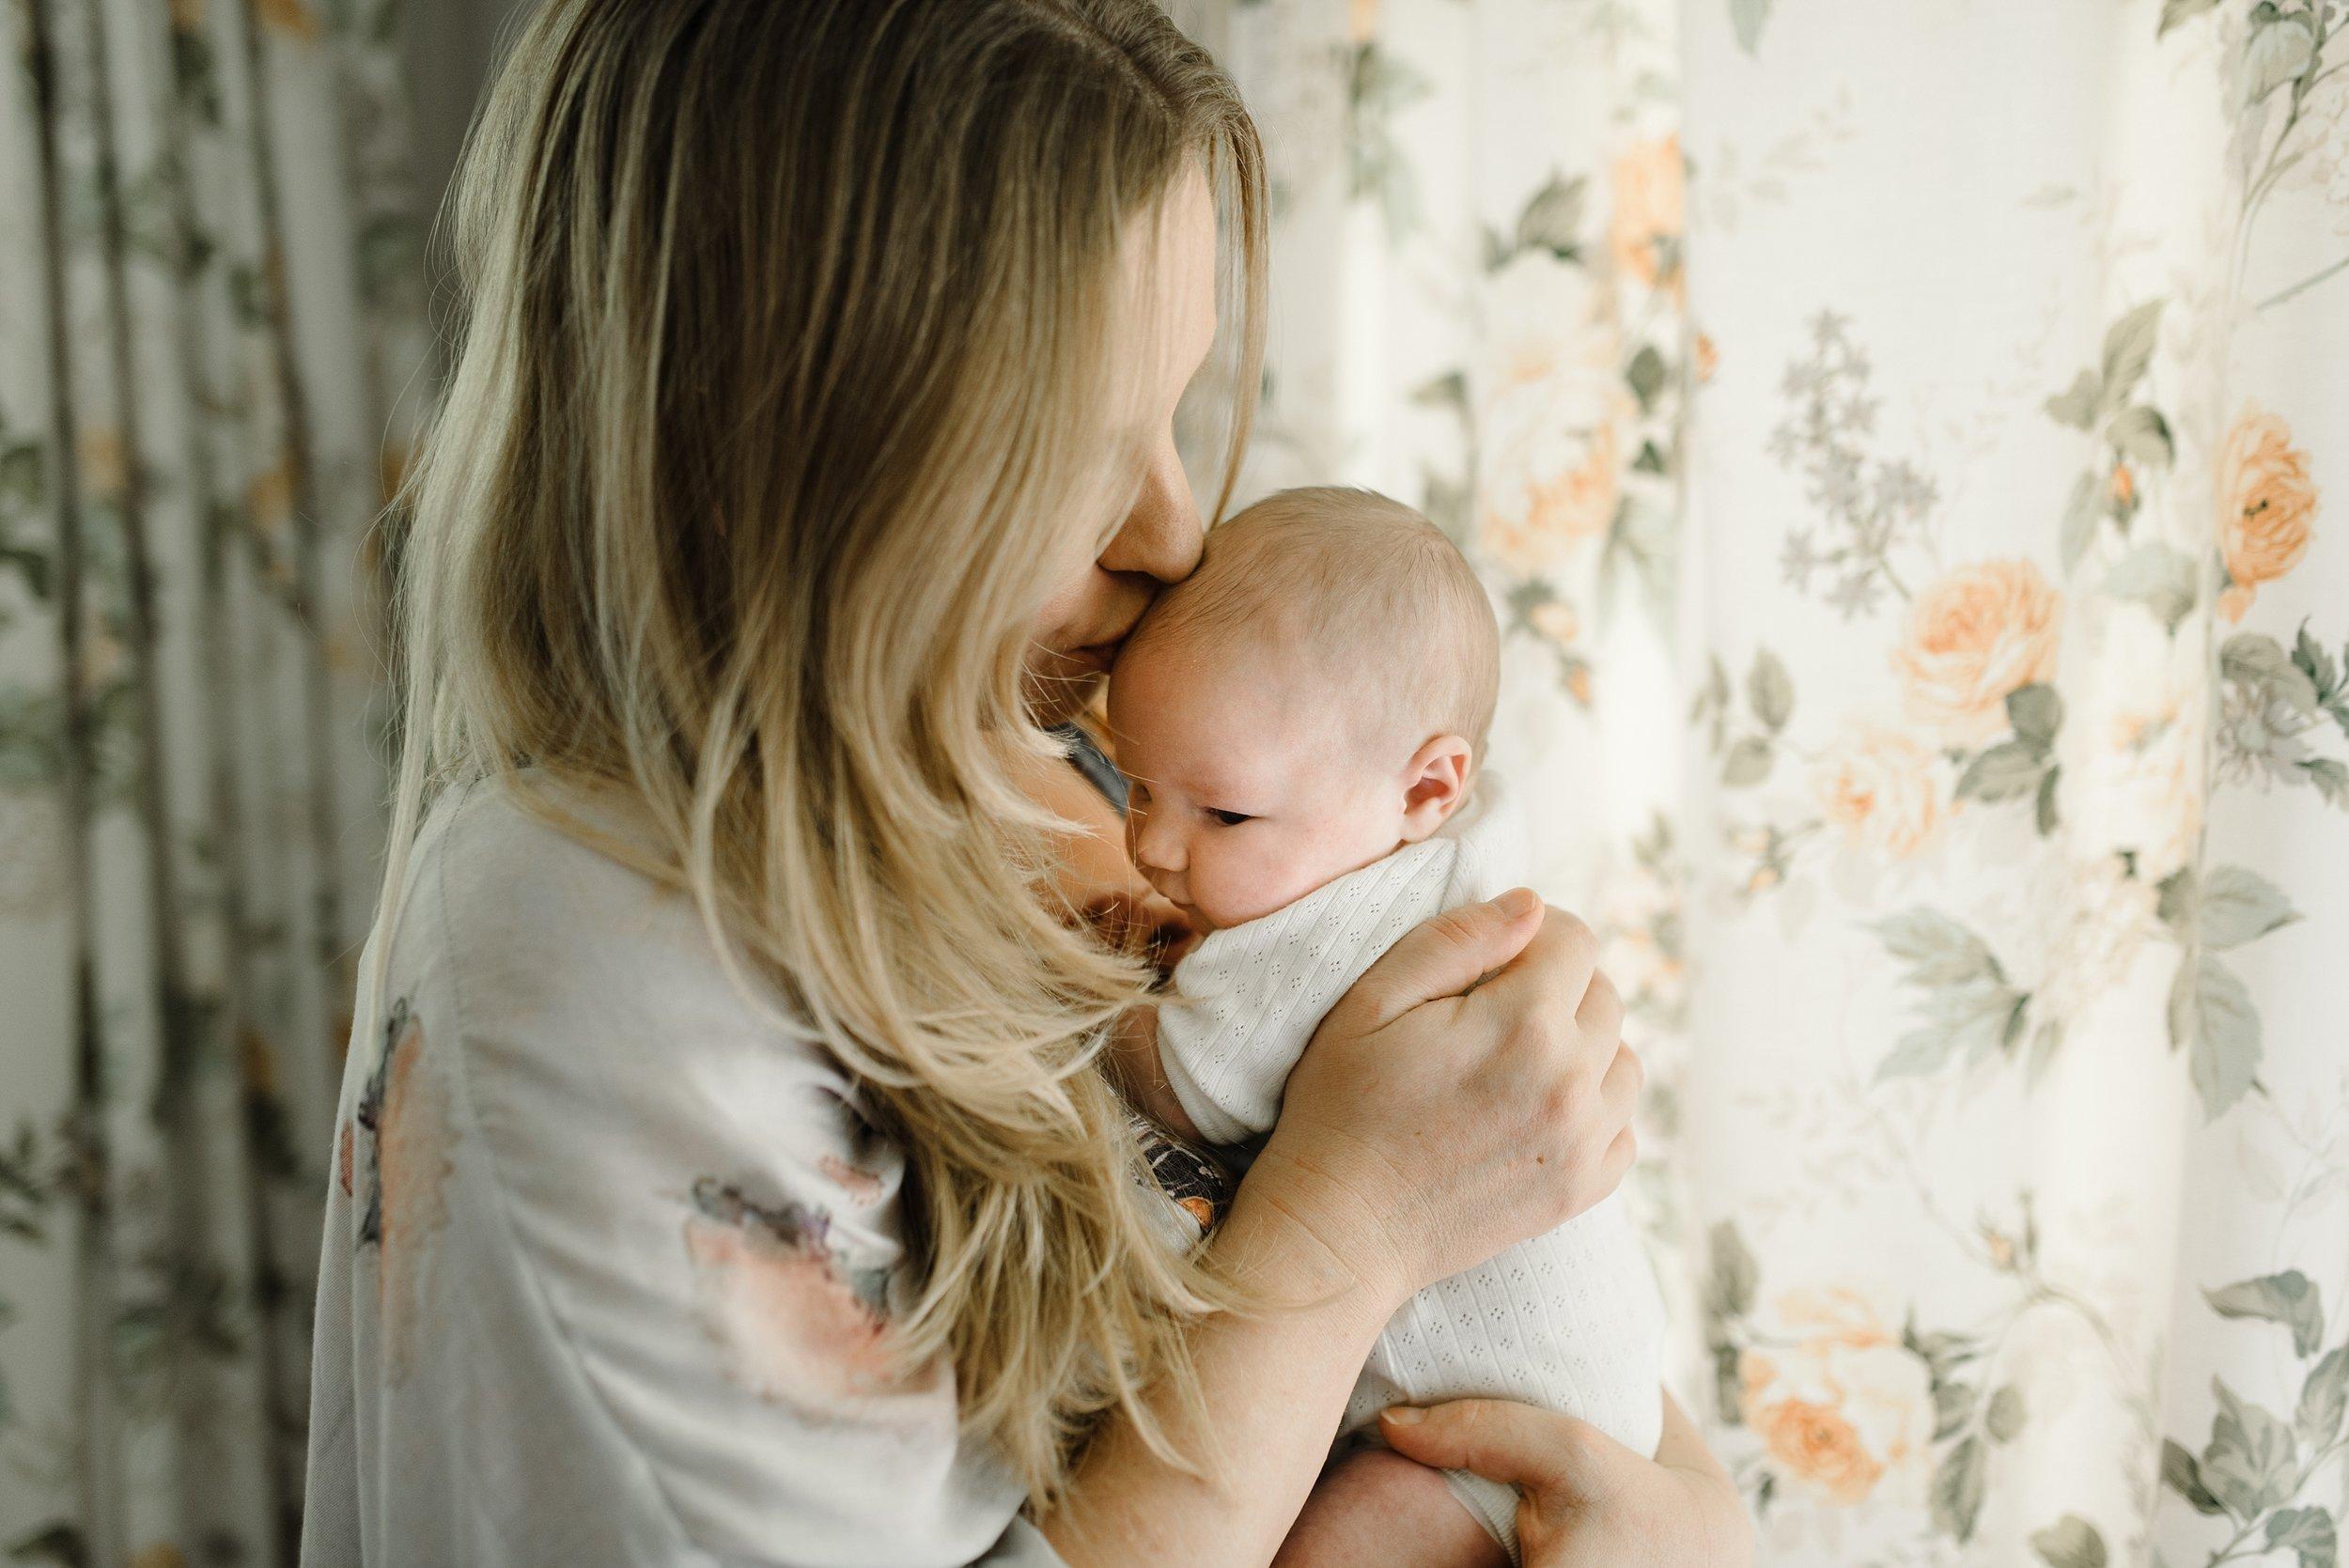 newborn-photographer-christchurch-nz.jpg